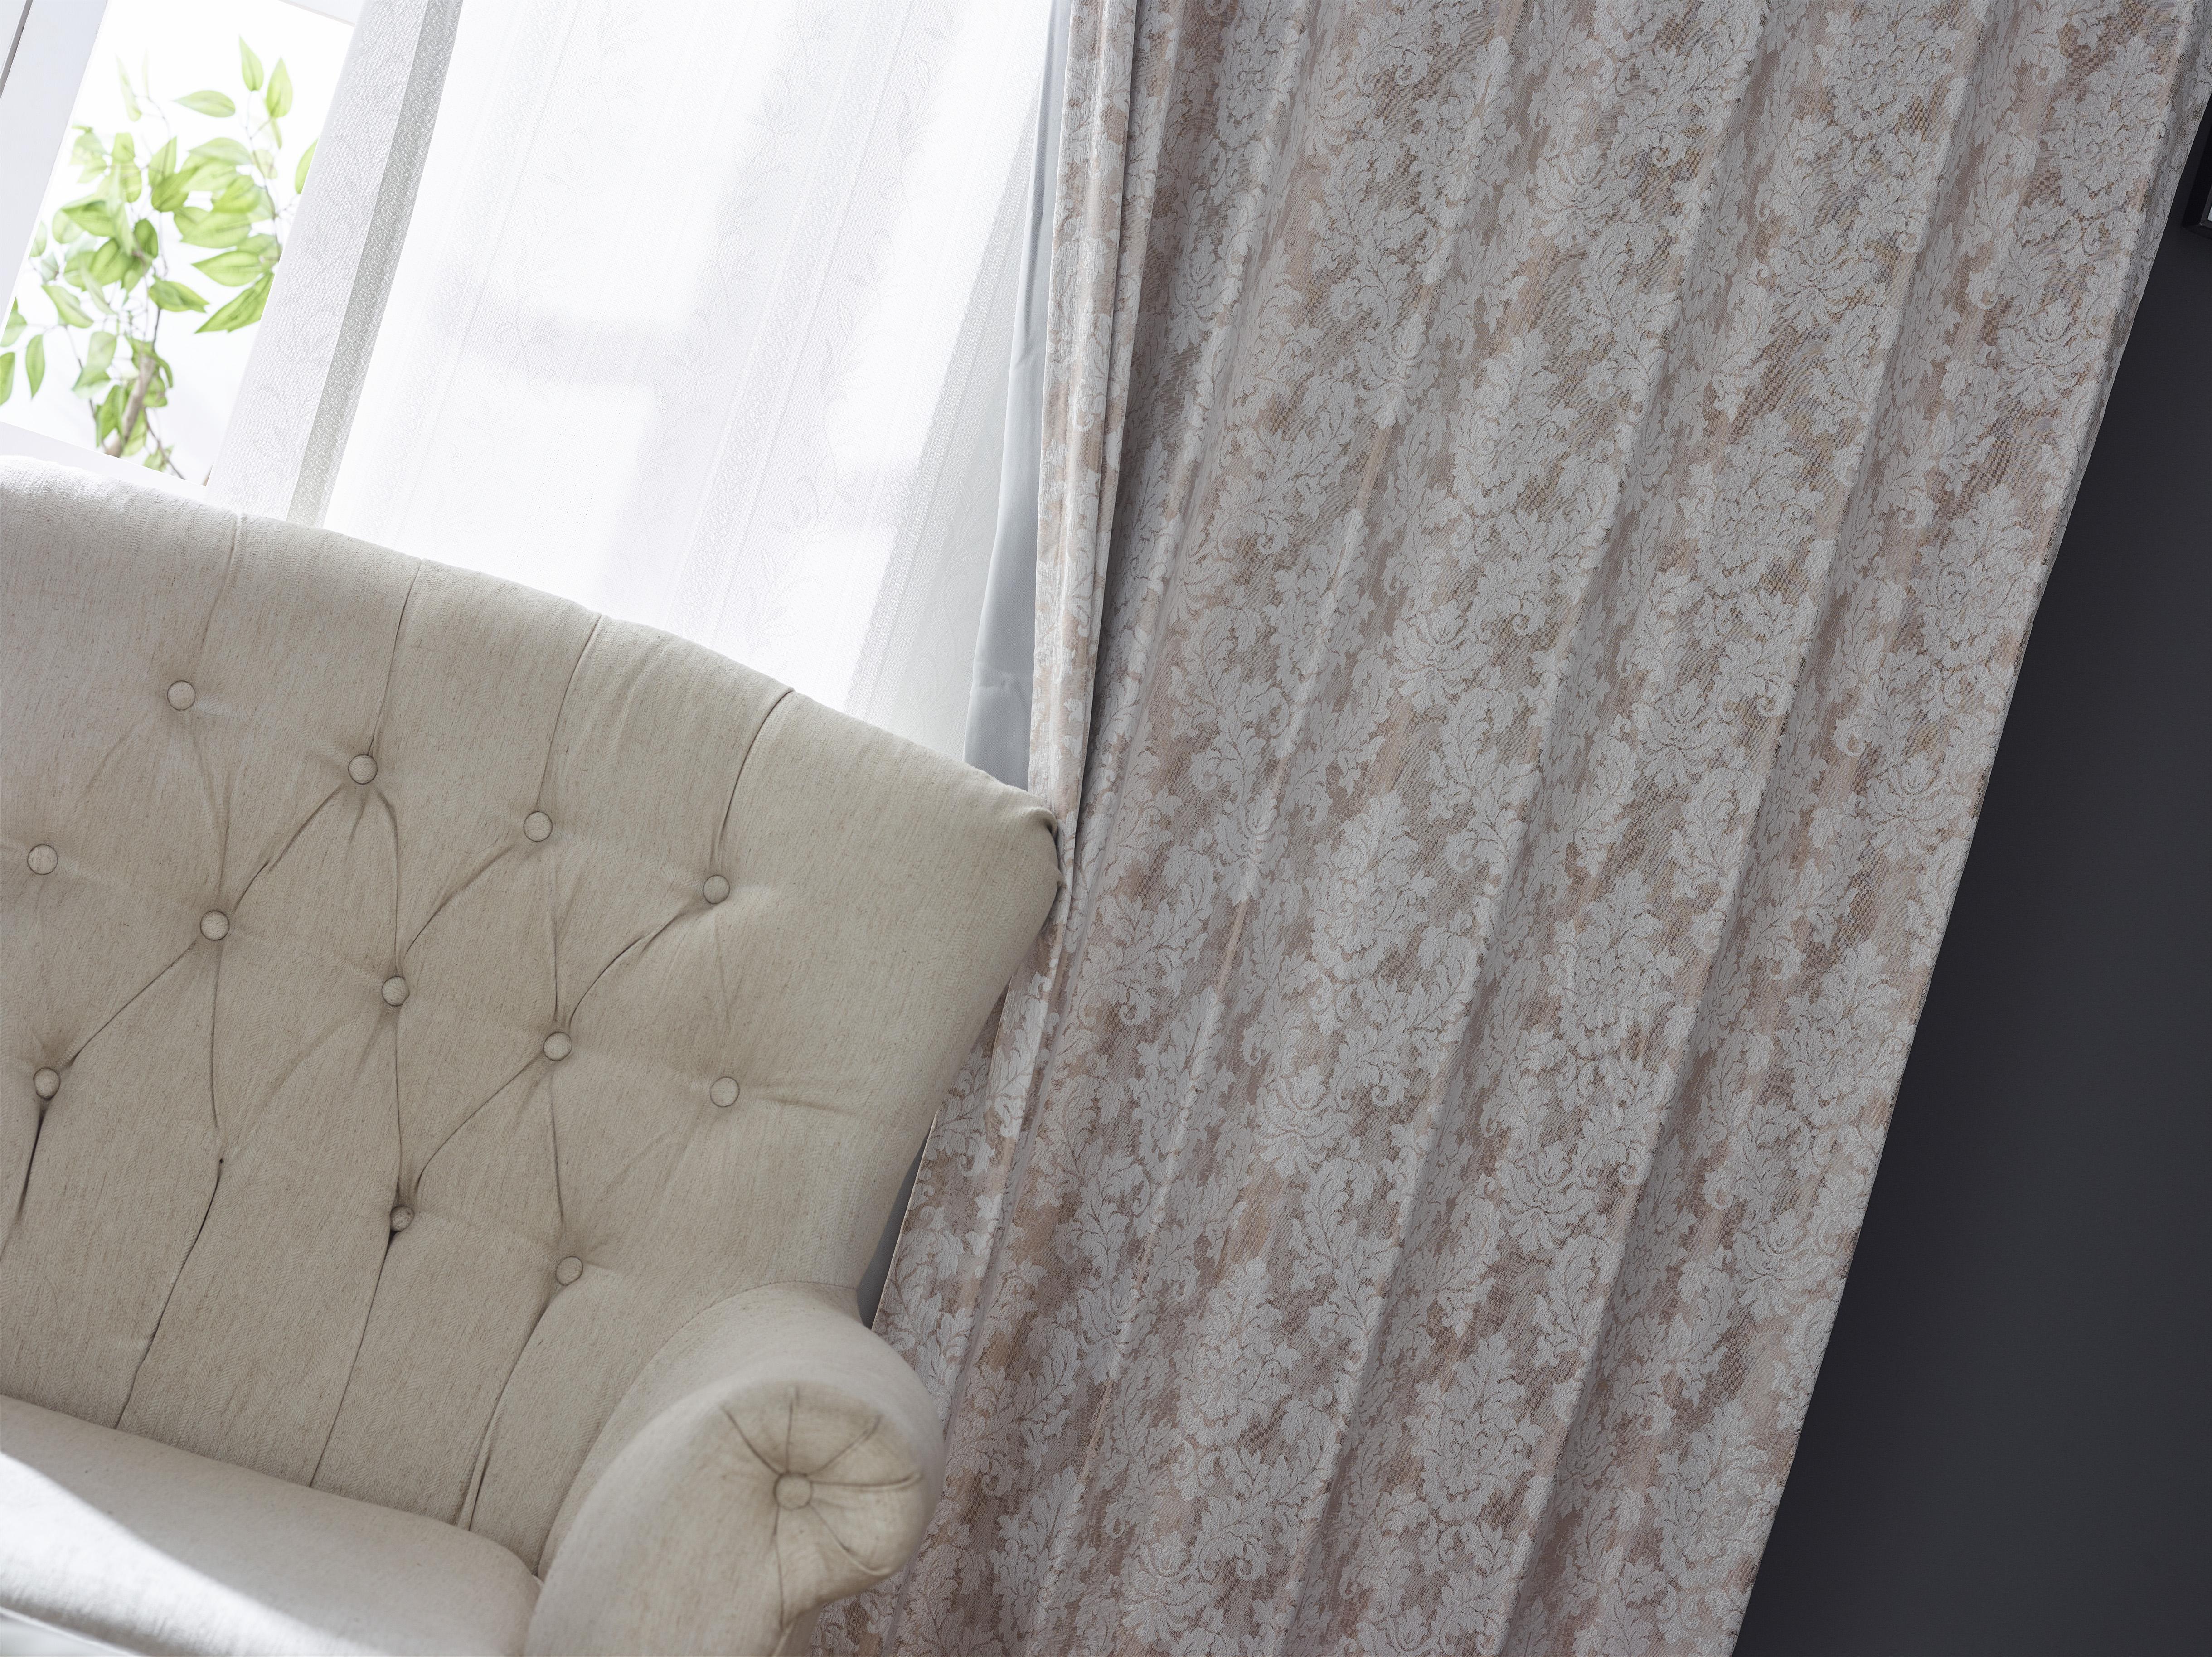 遮光カーテン 1級 防炎 遮熱 オーダーカーテン 形態安定 1cm単位のオーダー 選べる40色 Reina(レイナ)